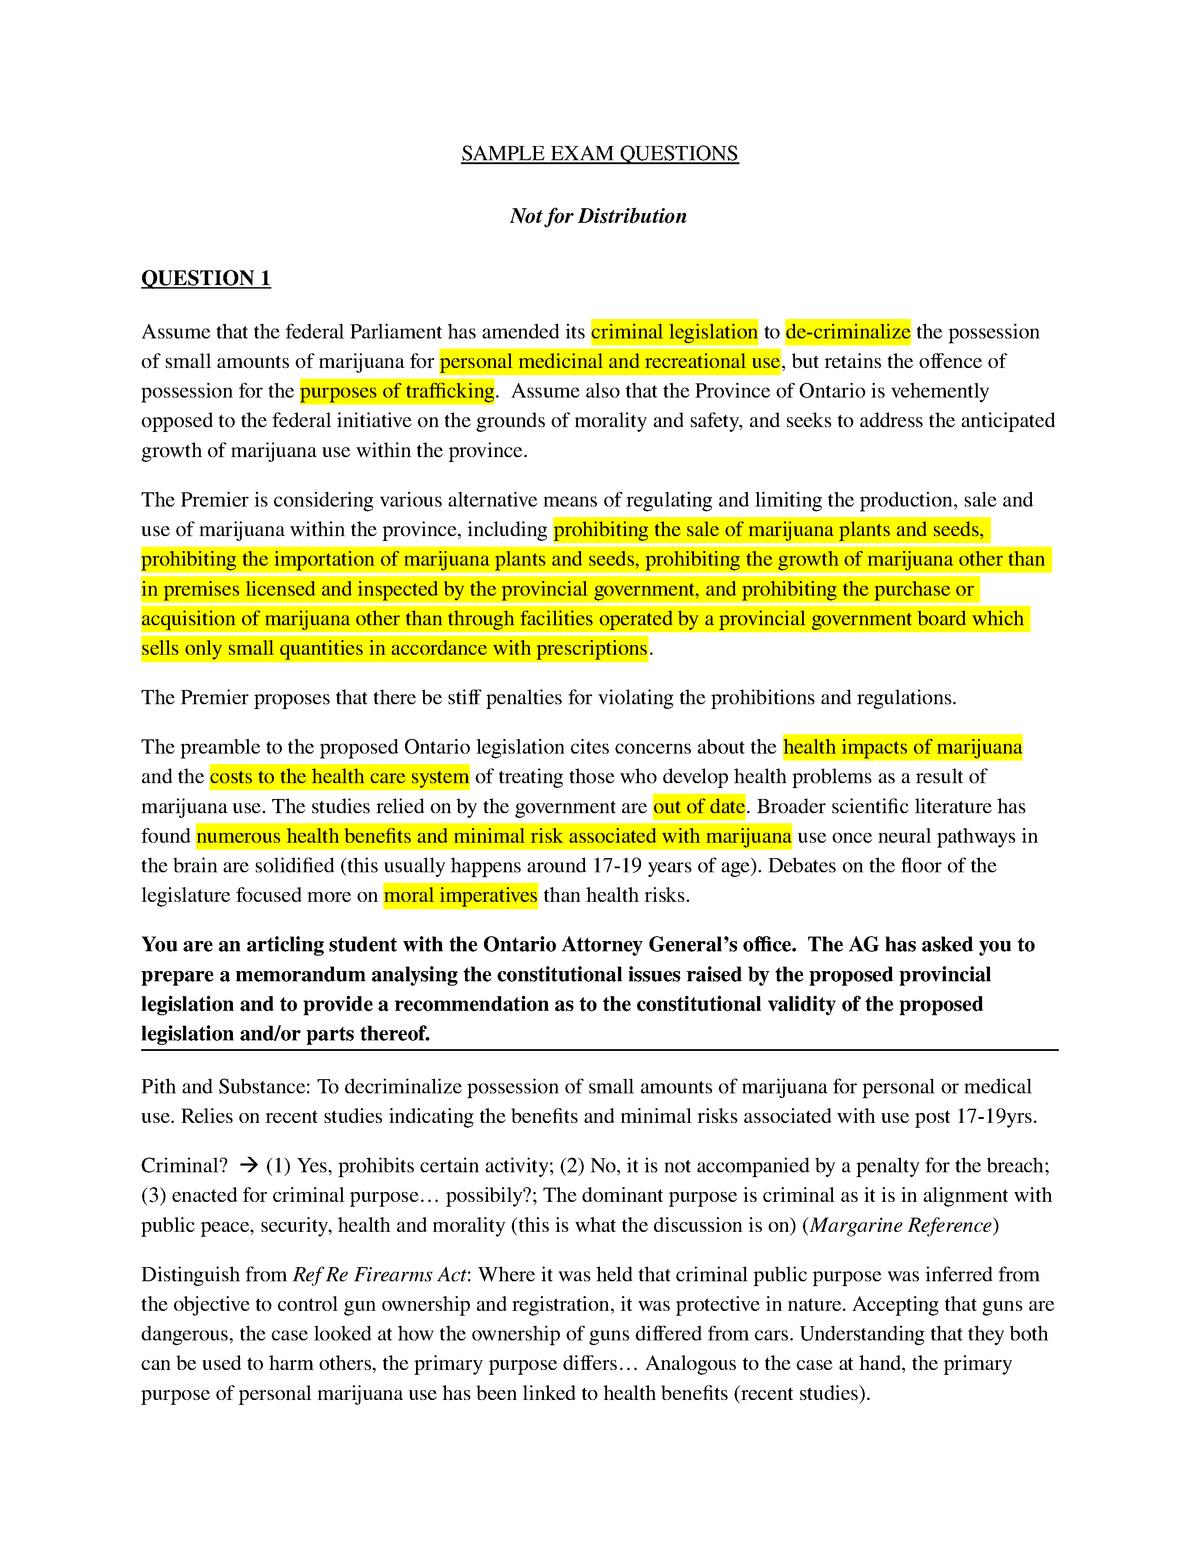 Exam 2018 - LAWS11-216: Constitutional Law - StuDocu